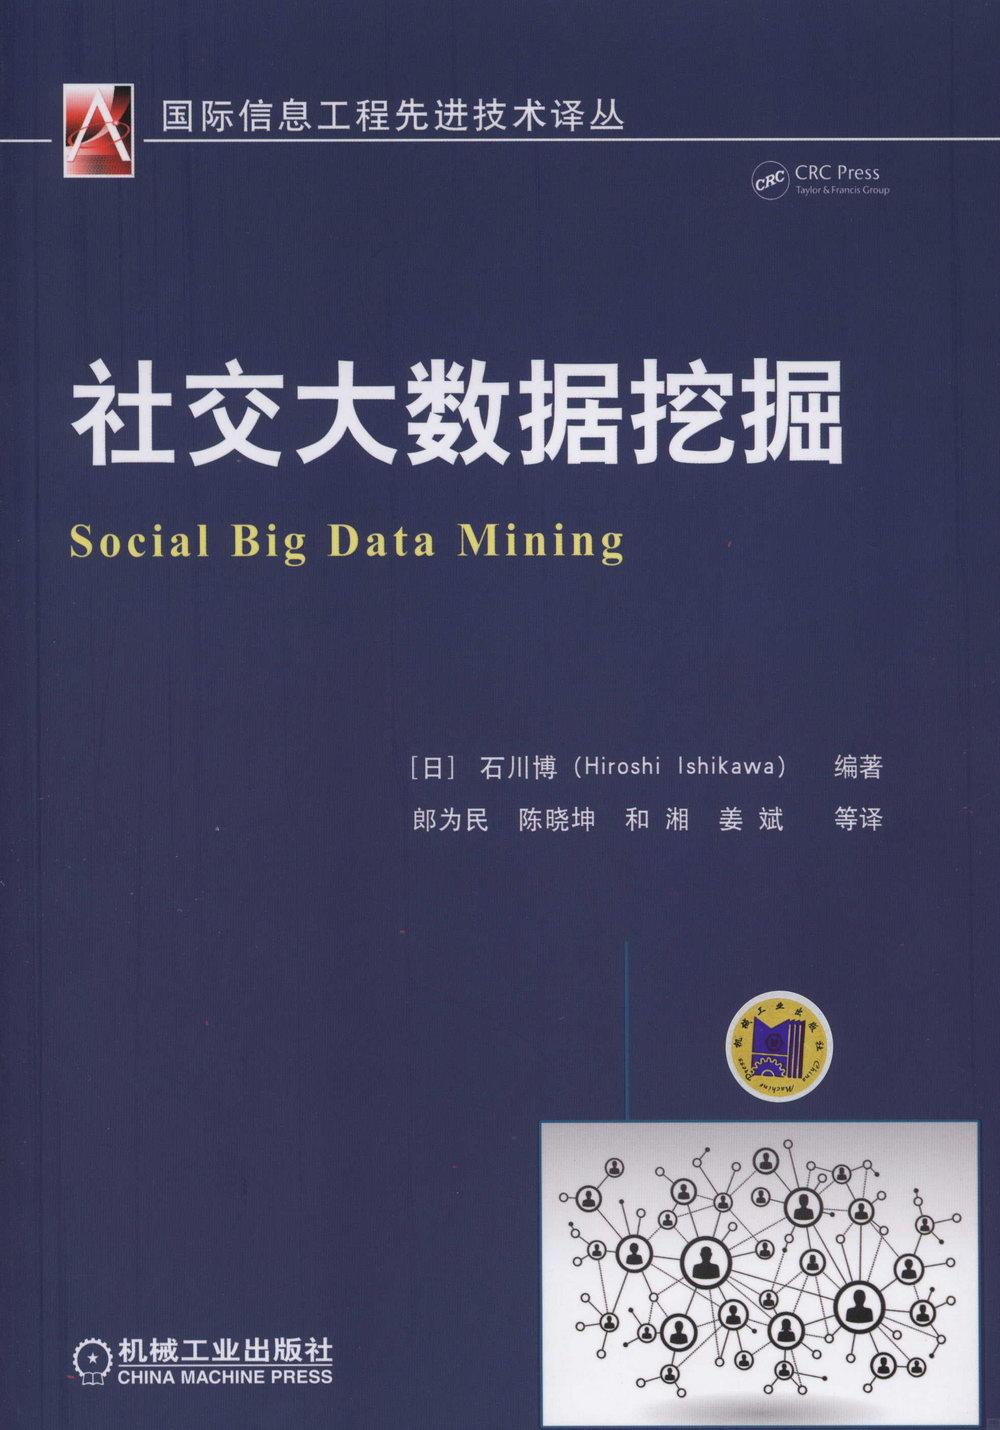 社交大數據挖掘